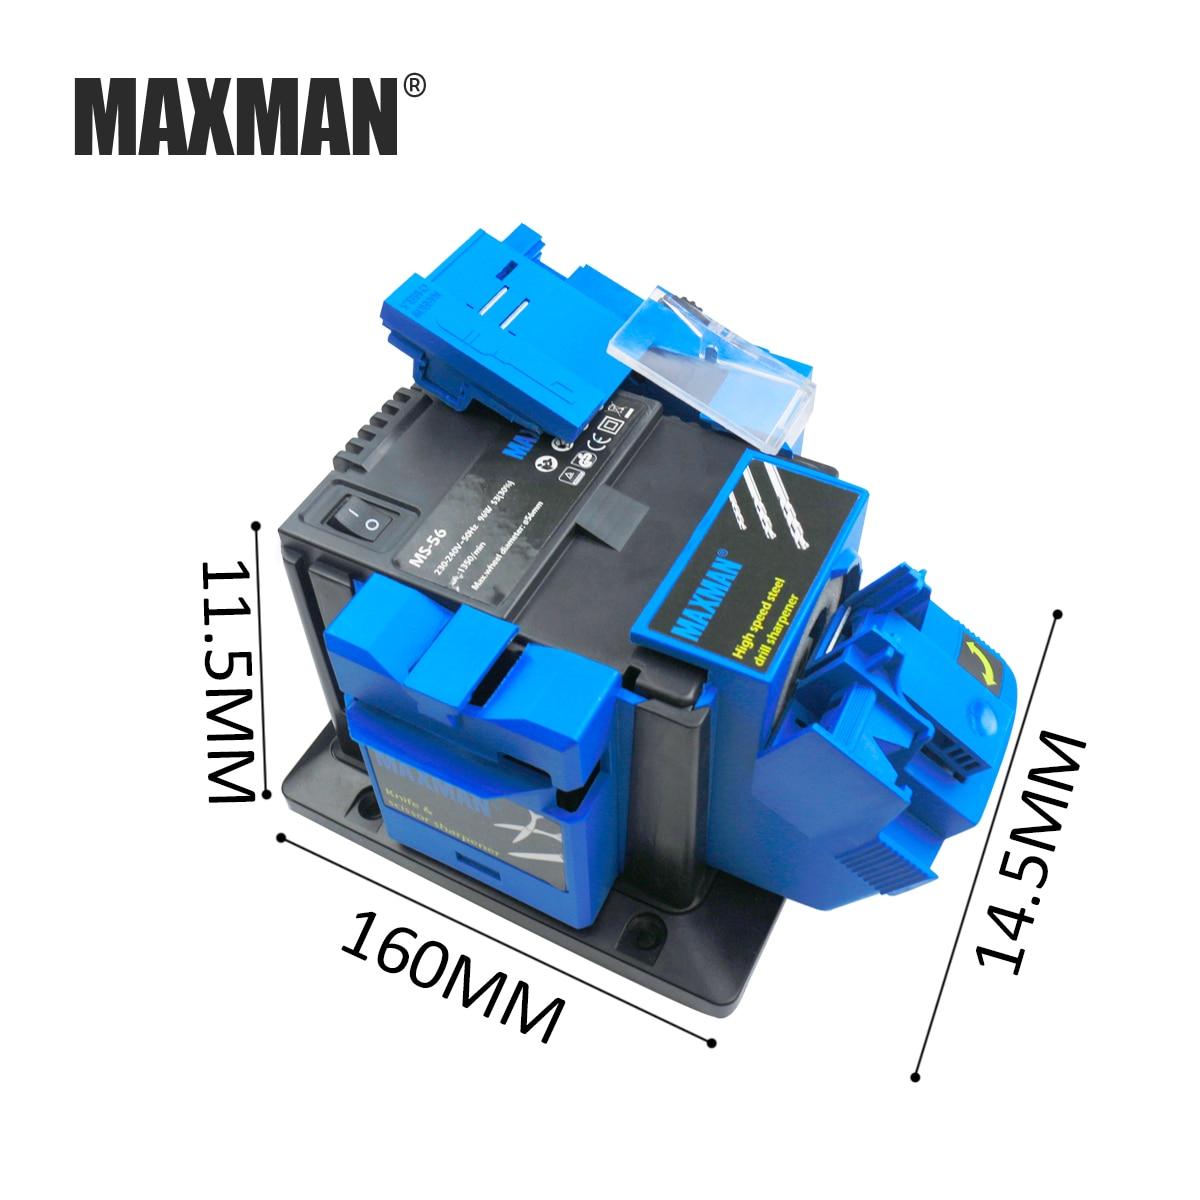 maxman professionelle elektrische messer schere spitzer meißel